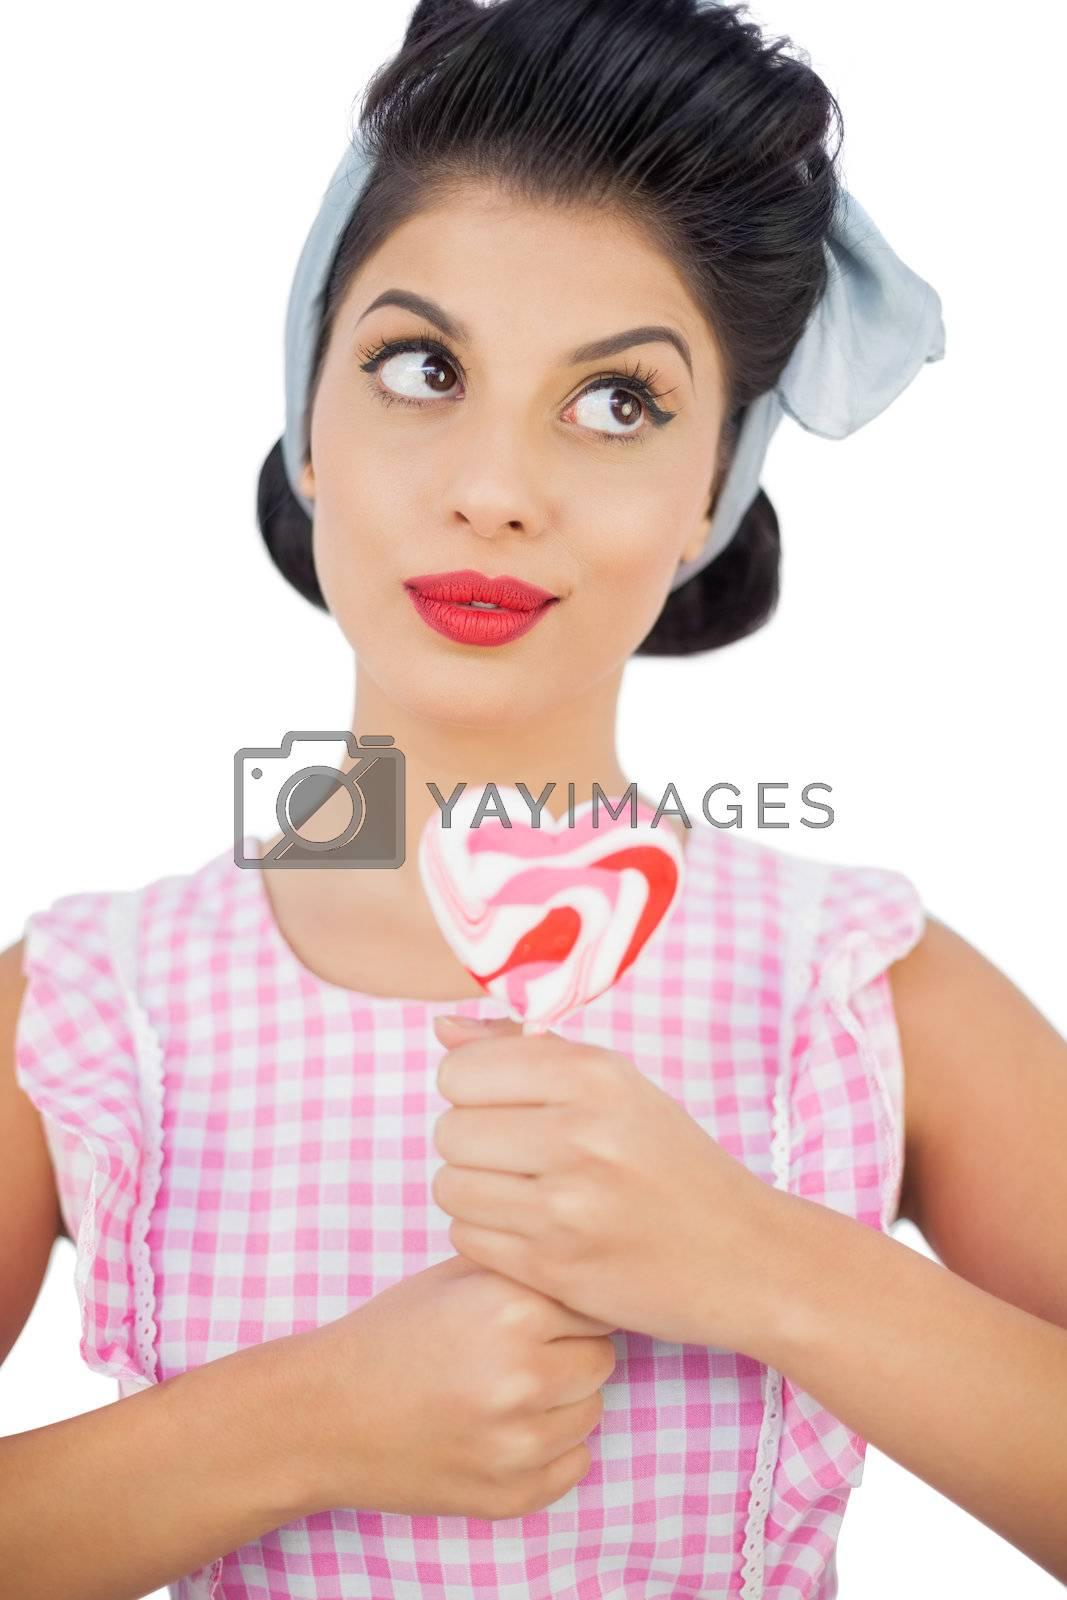 Pensive black hair model holding a heart shaped lollipop by Wavebreakmedia